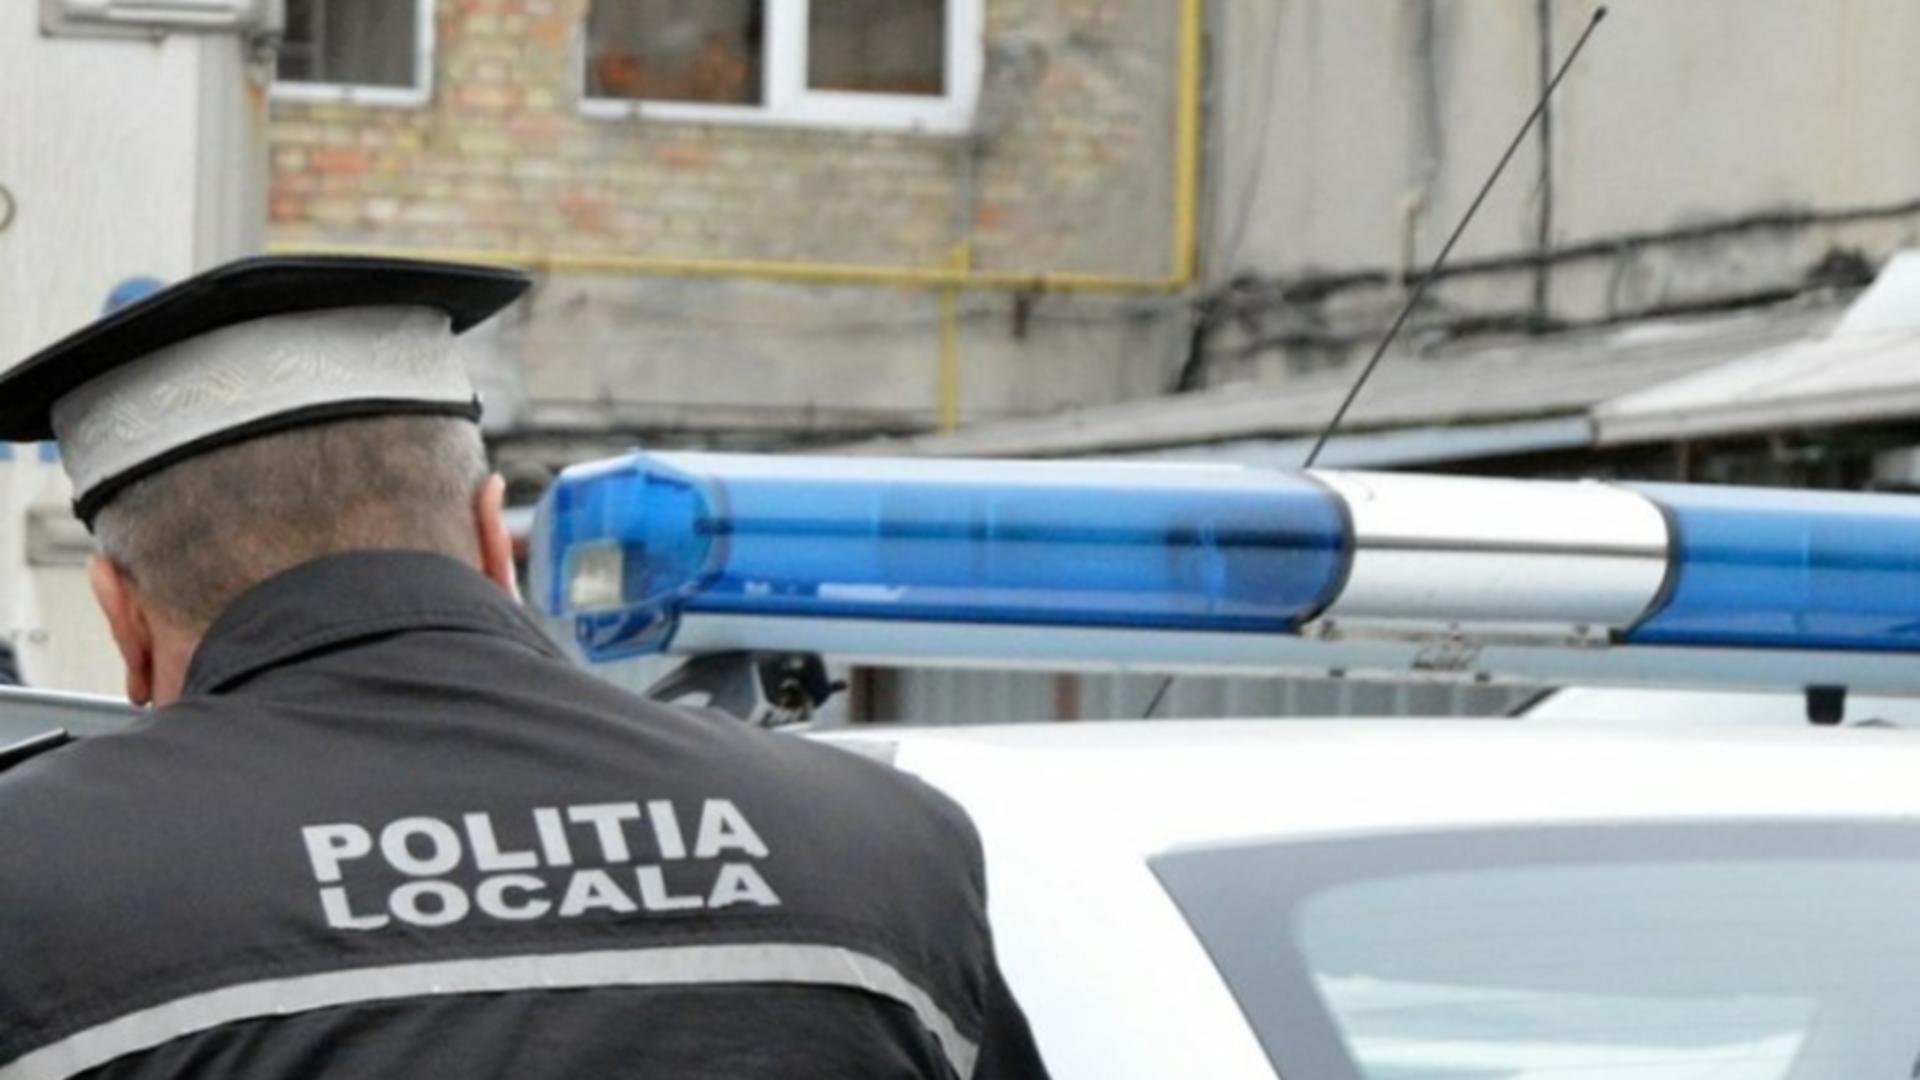 Poliție locală